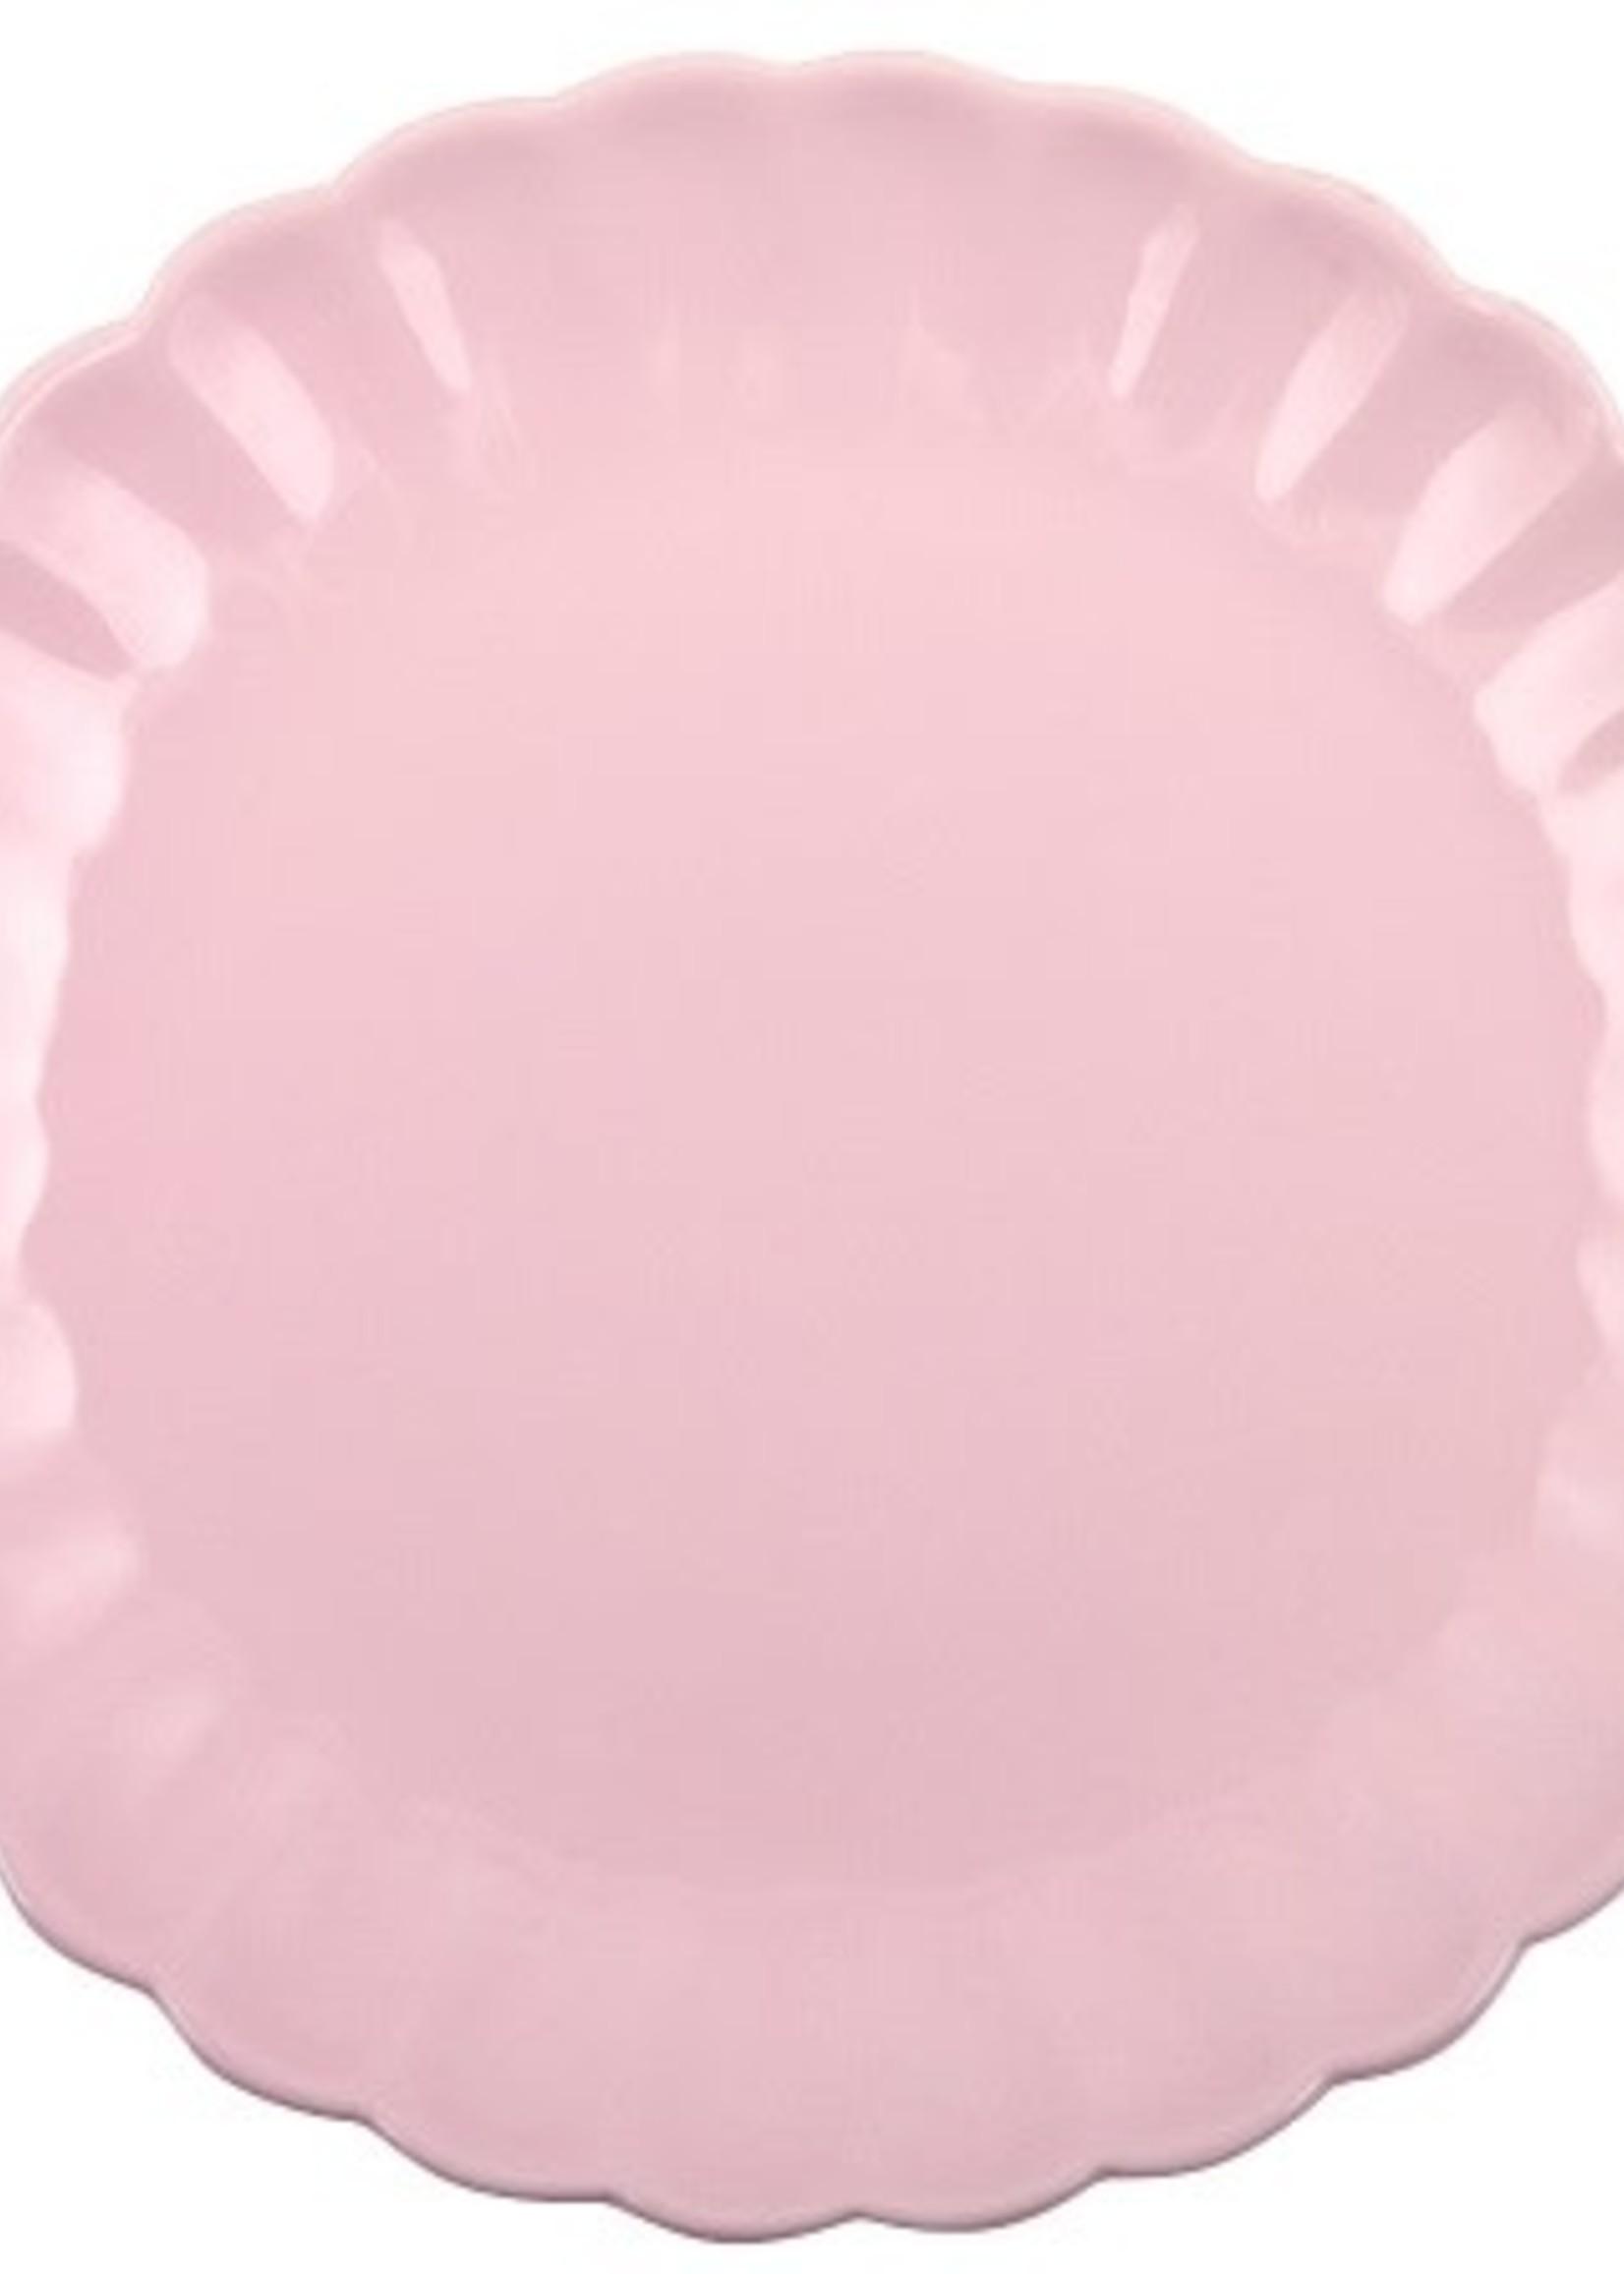 IB LAURSEN ontbijt-borden Mynthe  in div kleuren